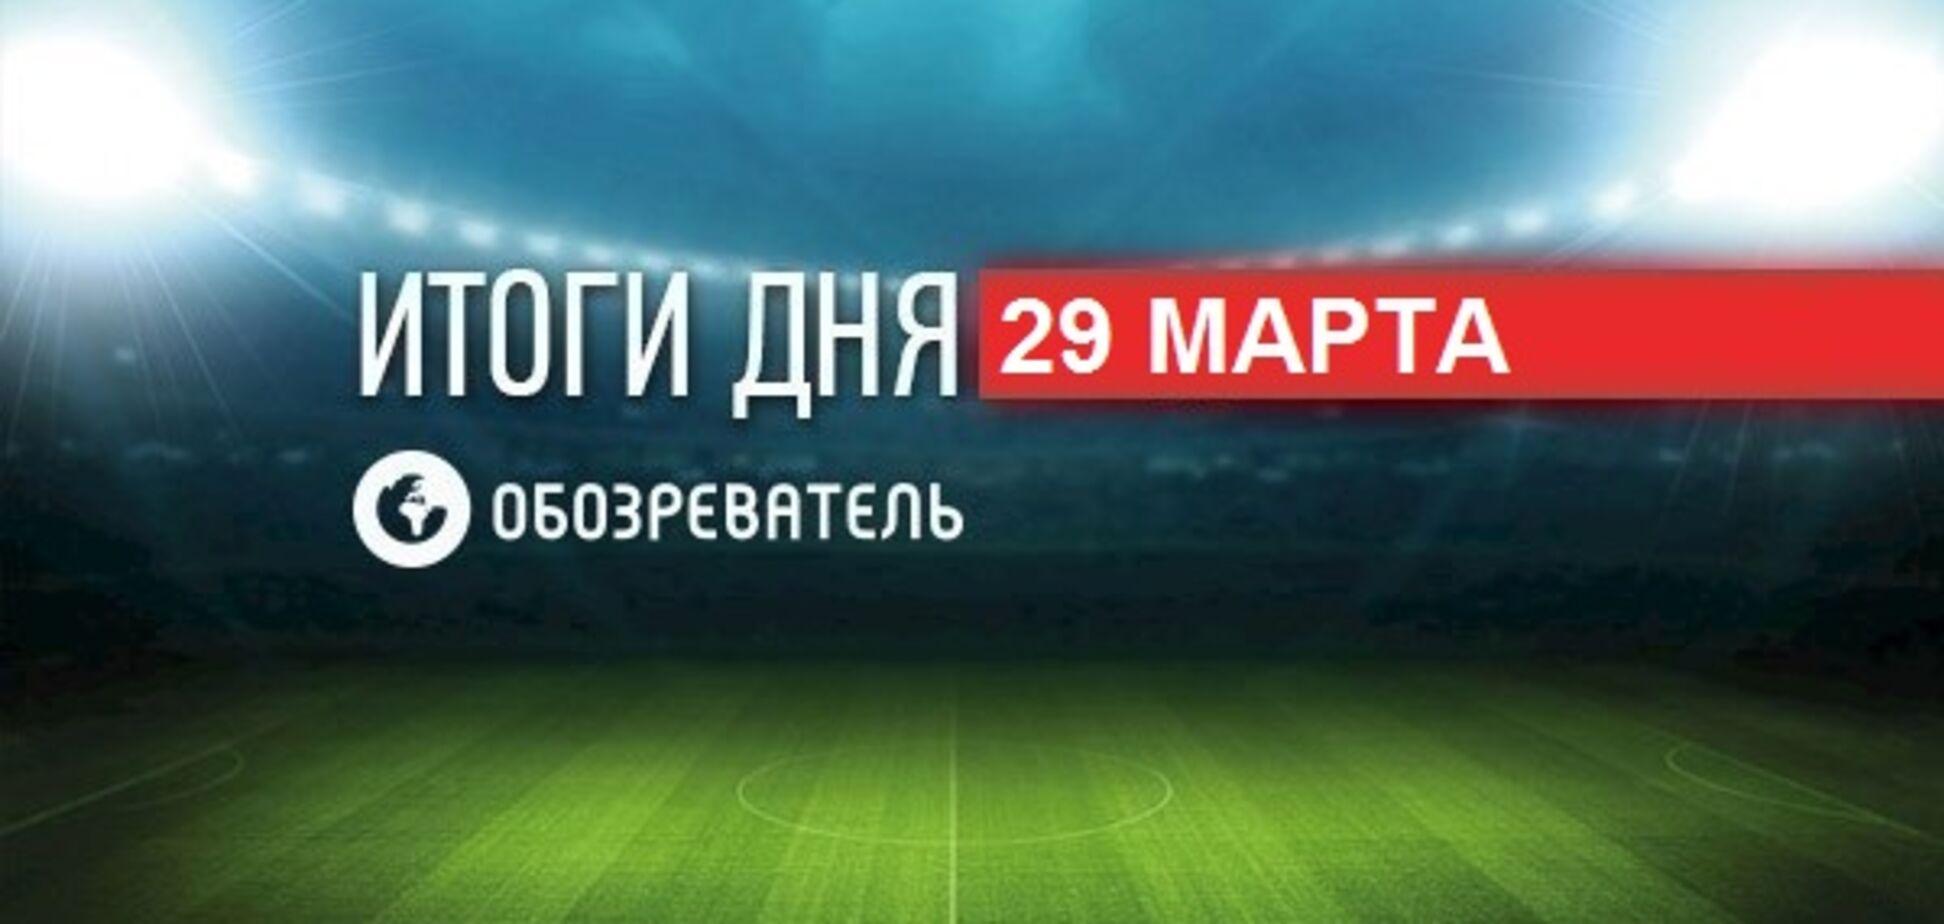 Комментатор из РФ признался в любви к Украине: спортивные итоги 29 марта